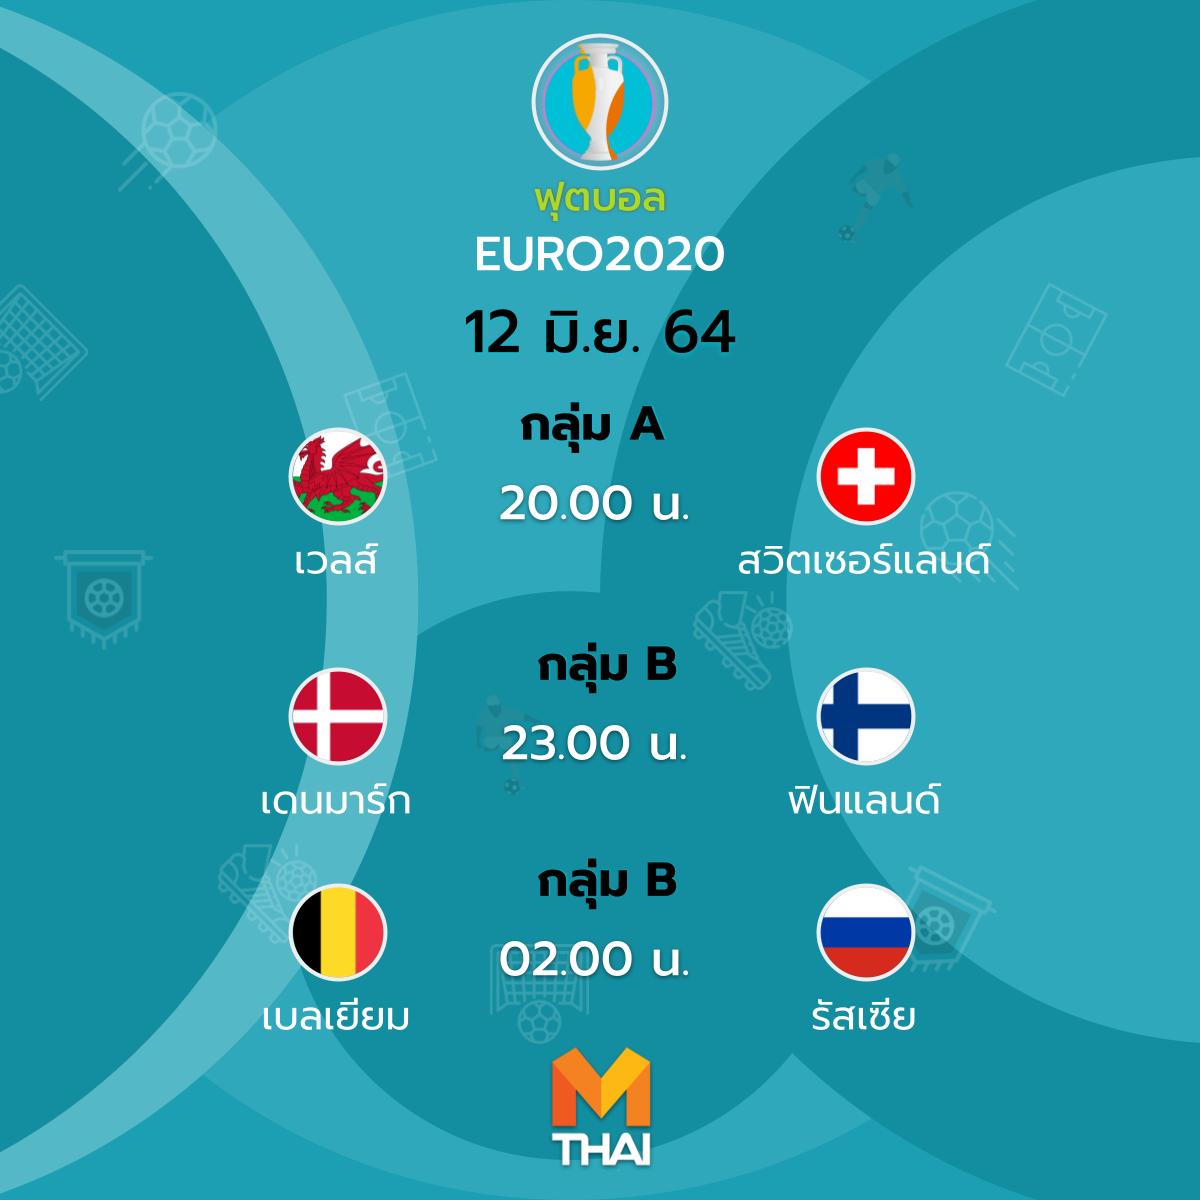 โปรแกรมฟุตบอลยูโร 2020 คืนนี้ 12 มิ.ย. 64